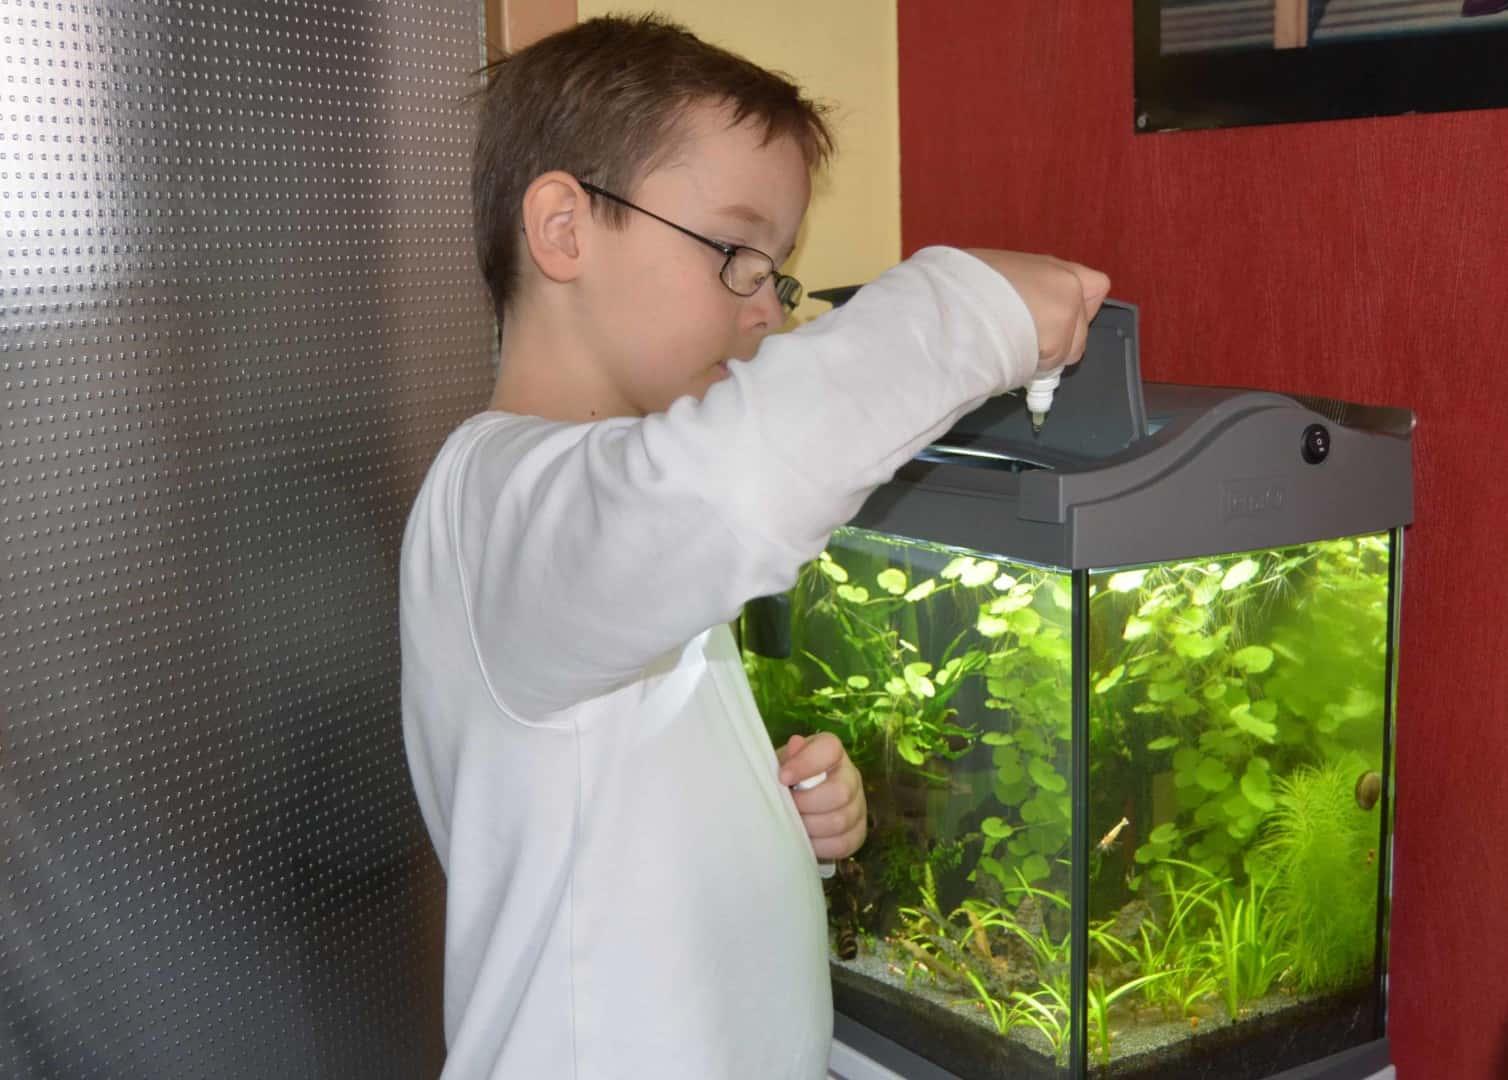 Kids Missverständnis Düngung Algen